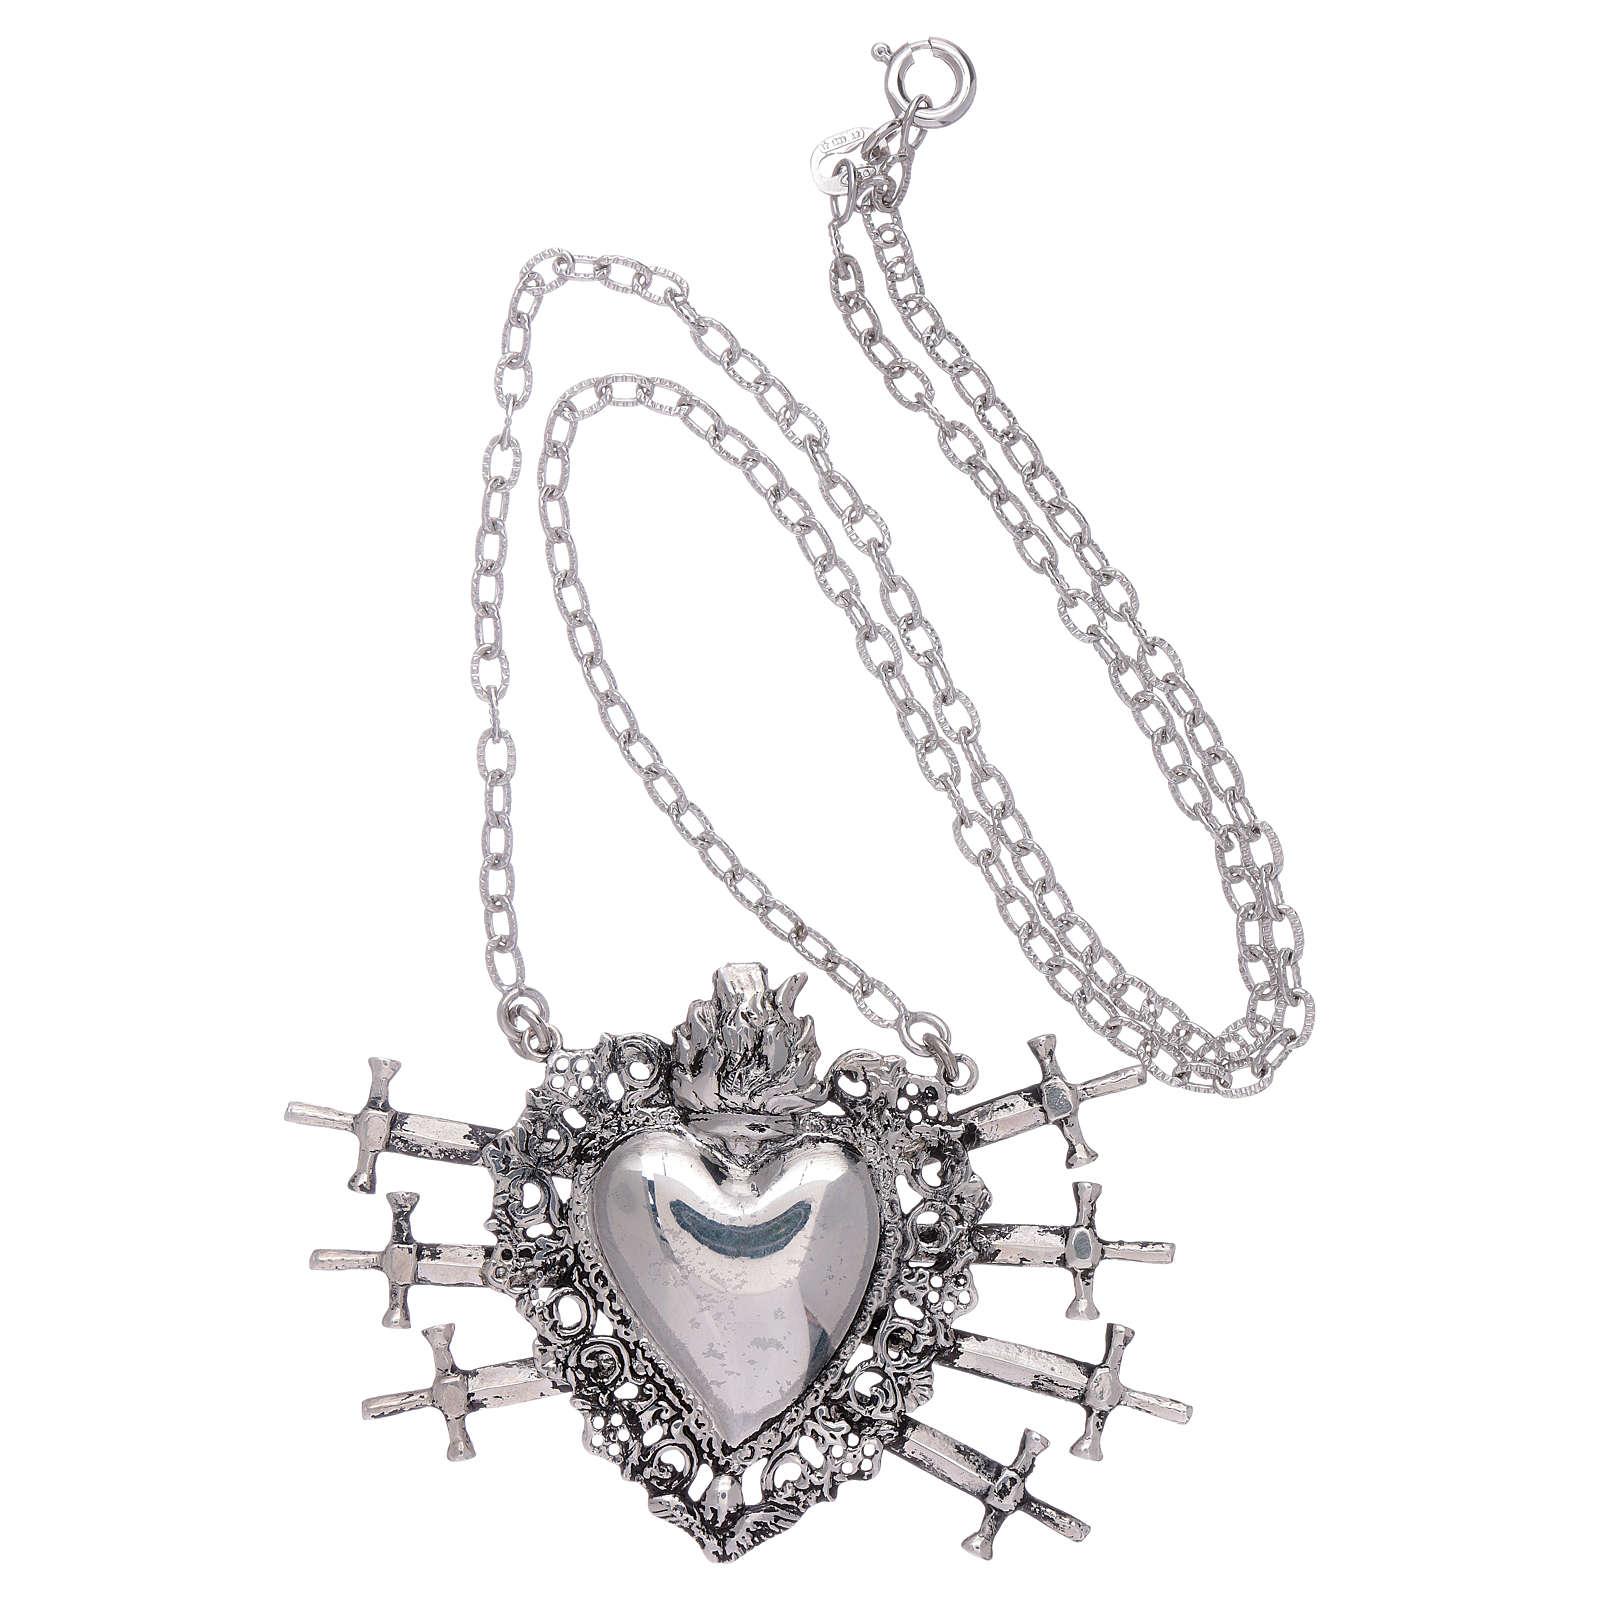 Naszyjnik z sercem wotywnym i siedmioma mieczami srebro 925 4